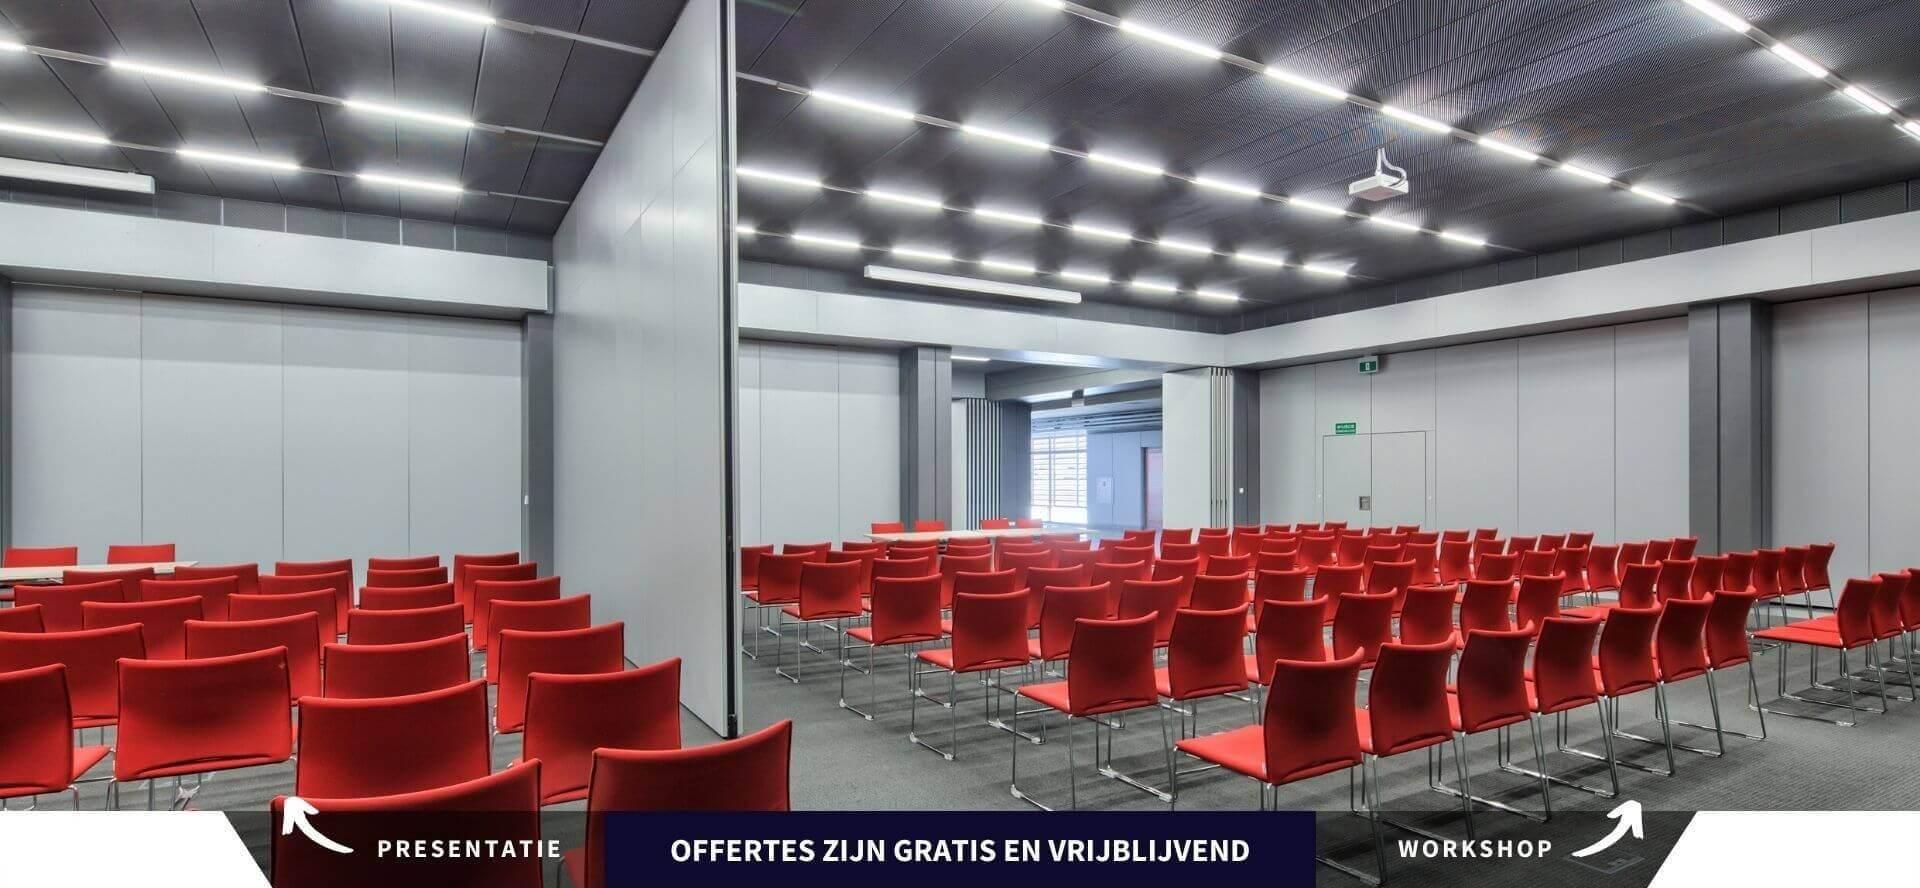 Paneelwand voor Presentaties en Workshops